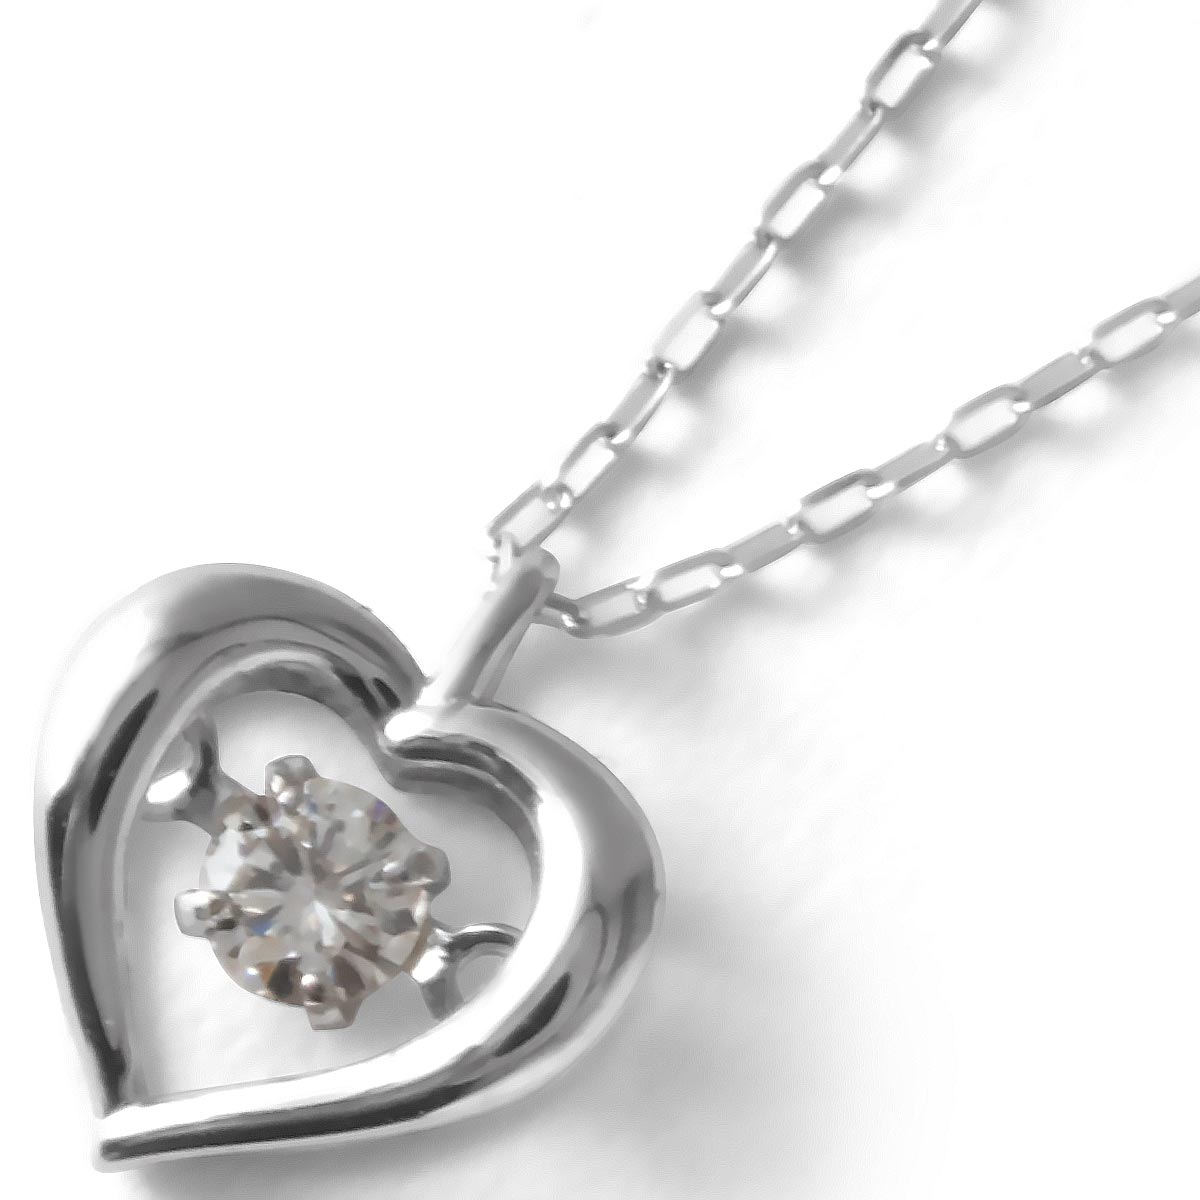 ジュエリー ネックレス アクセサリー レディース ダイヤモンド 一粒 0.08ct K18 ダンシングストーン ハート クリア&ホワイトゴールド DTFW073 WG JEWELRY